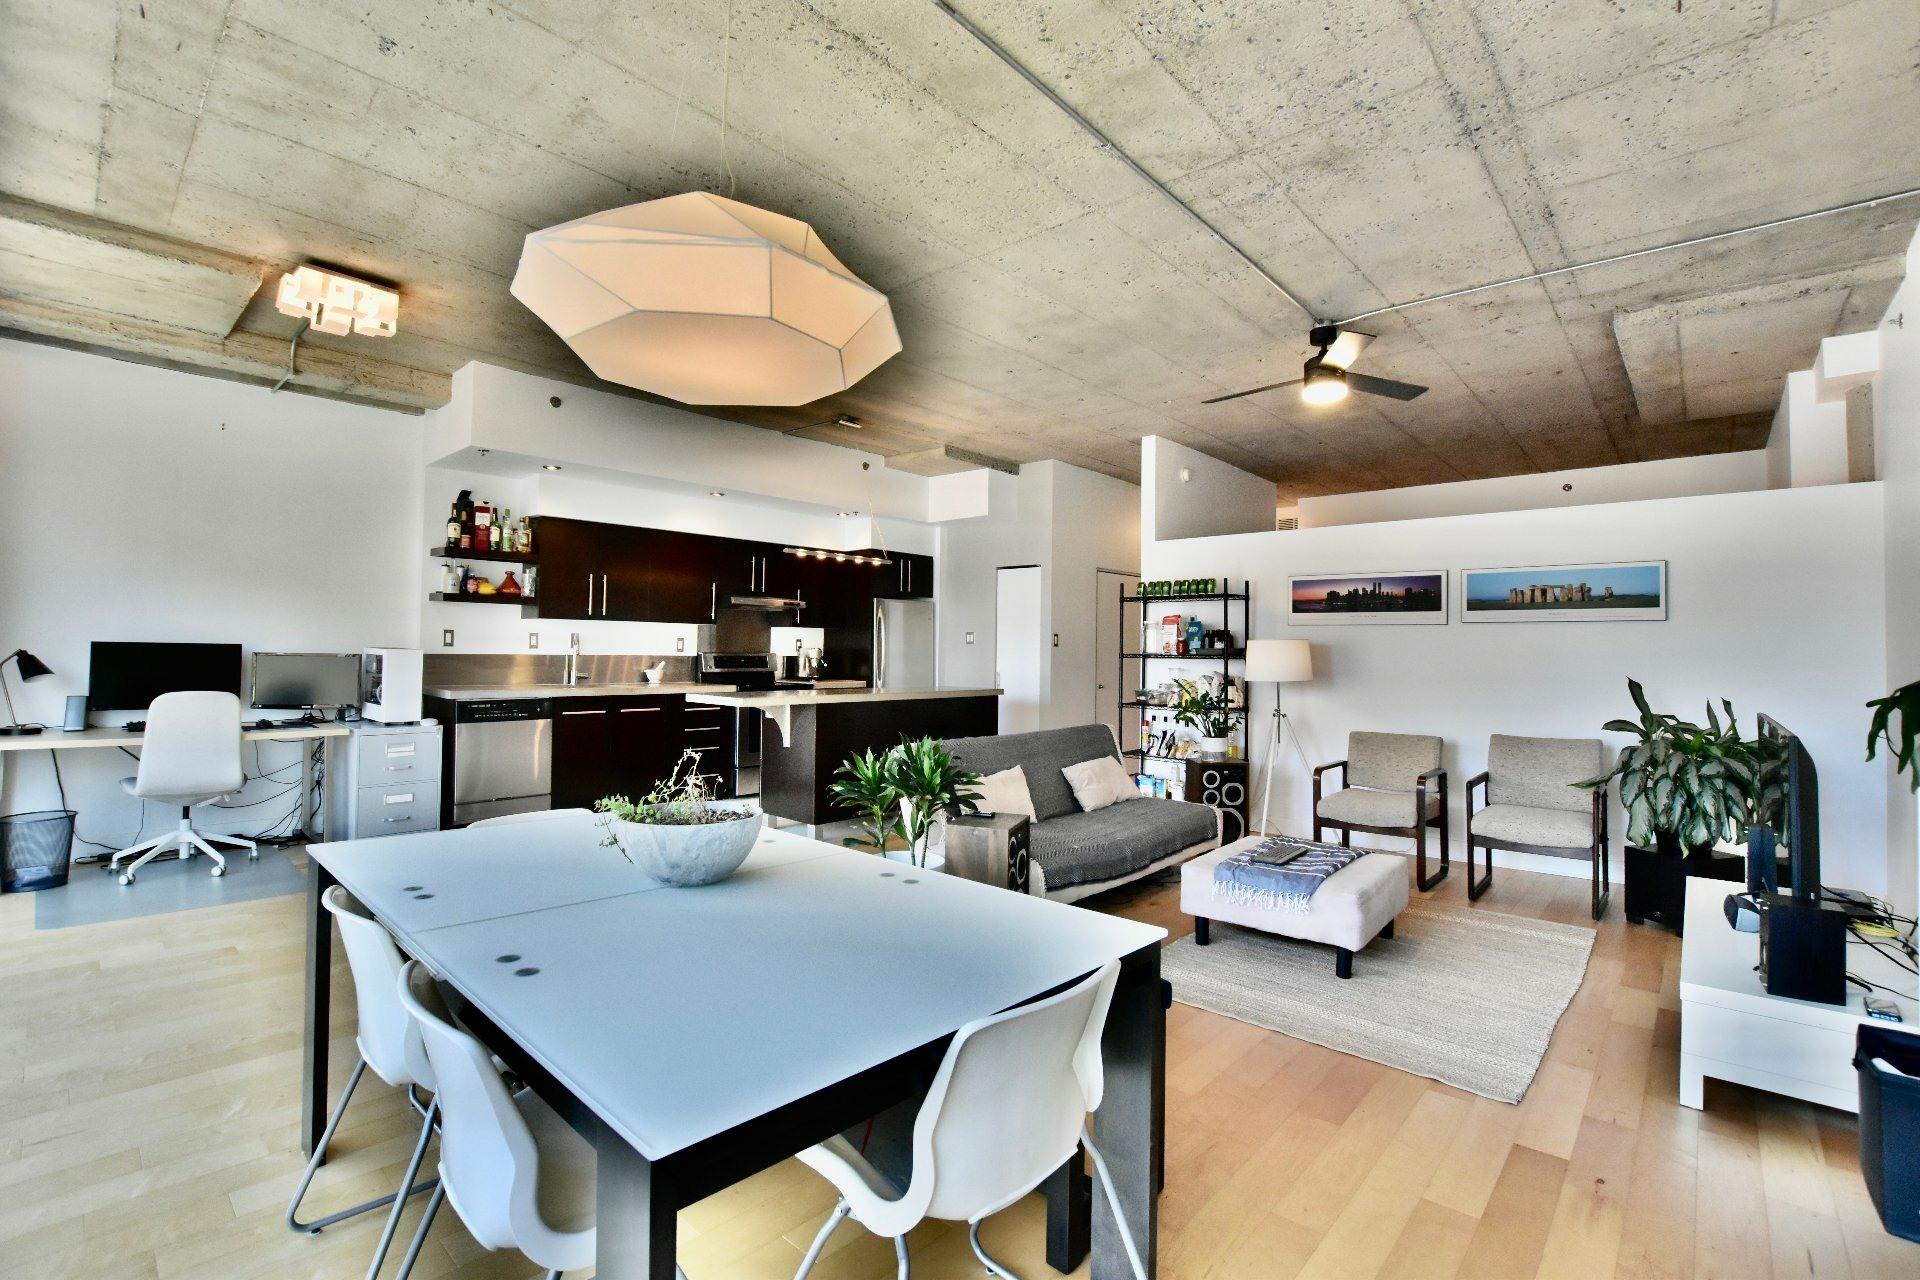 image 5 - Apartment For rent Villeray/Saint-Michel/Parc-Extension Montréal  - 5 rooms